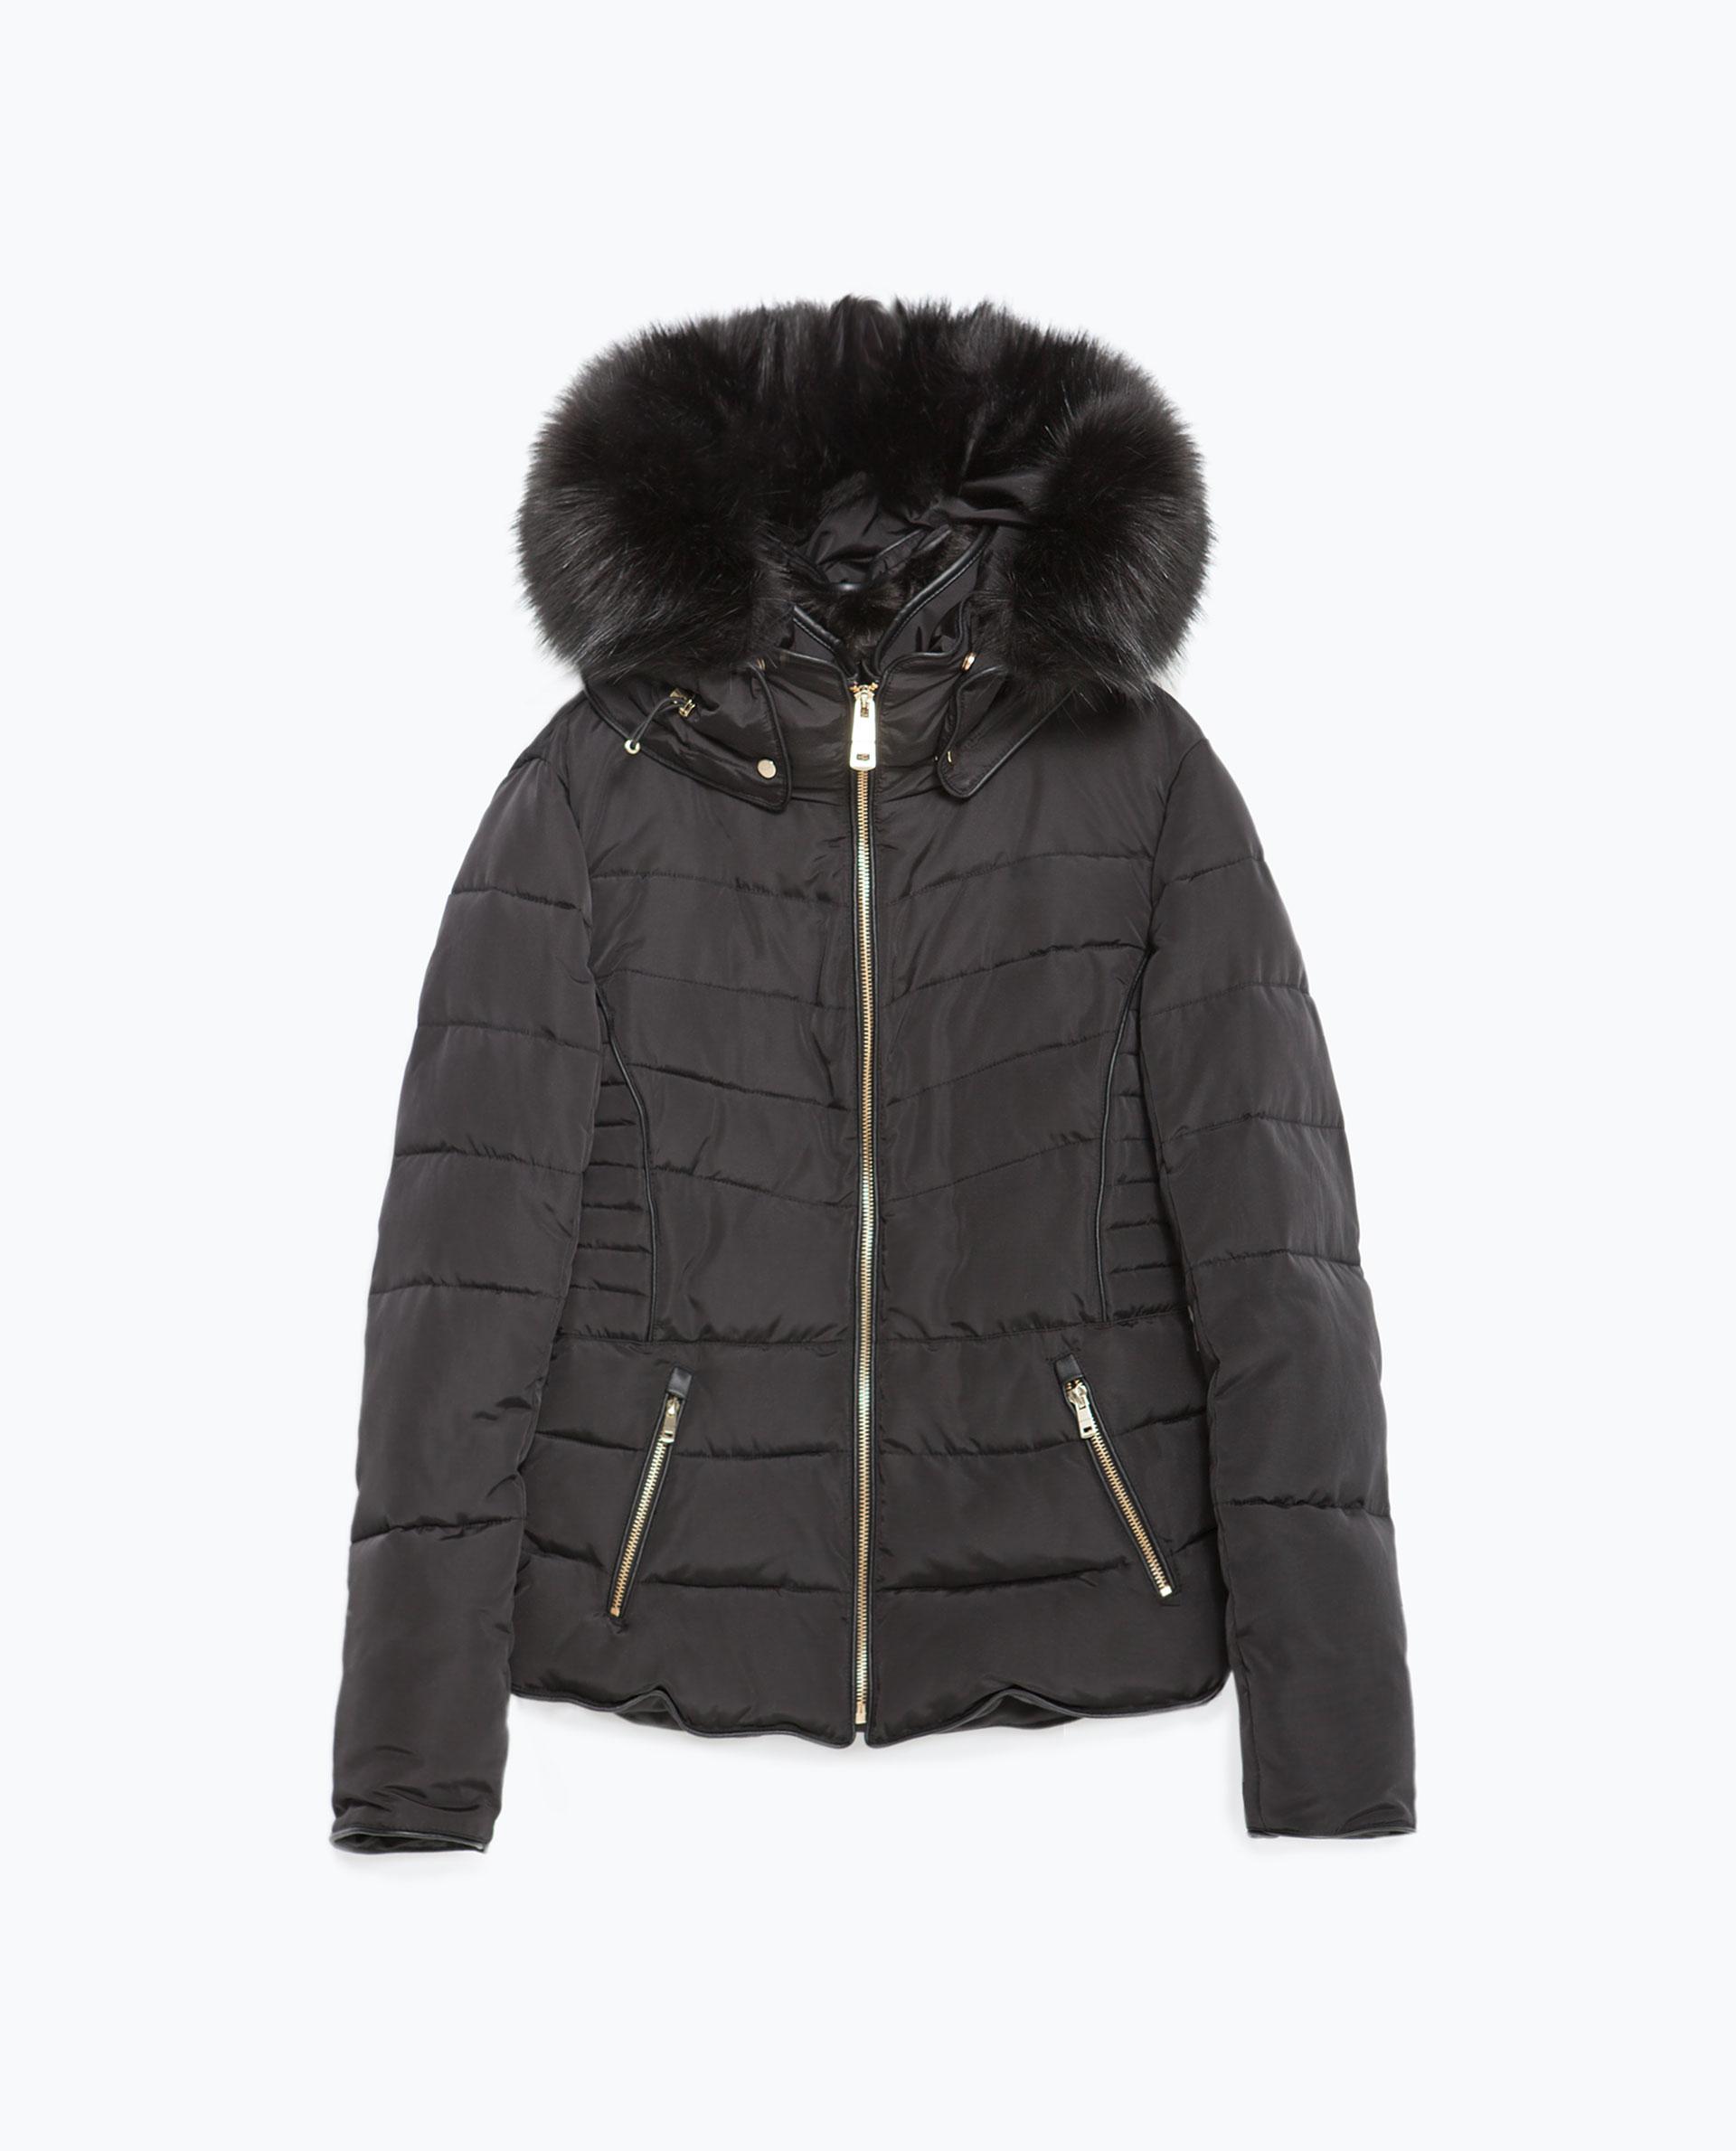 Black Quilted Coats - Sm Coats